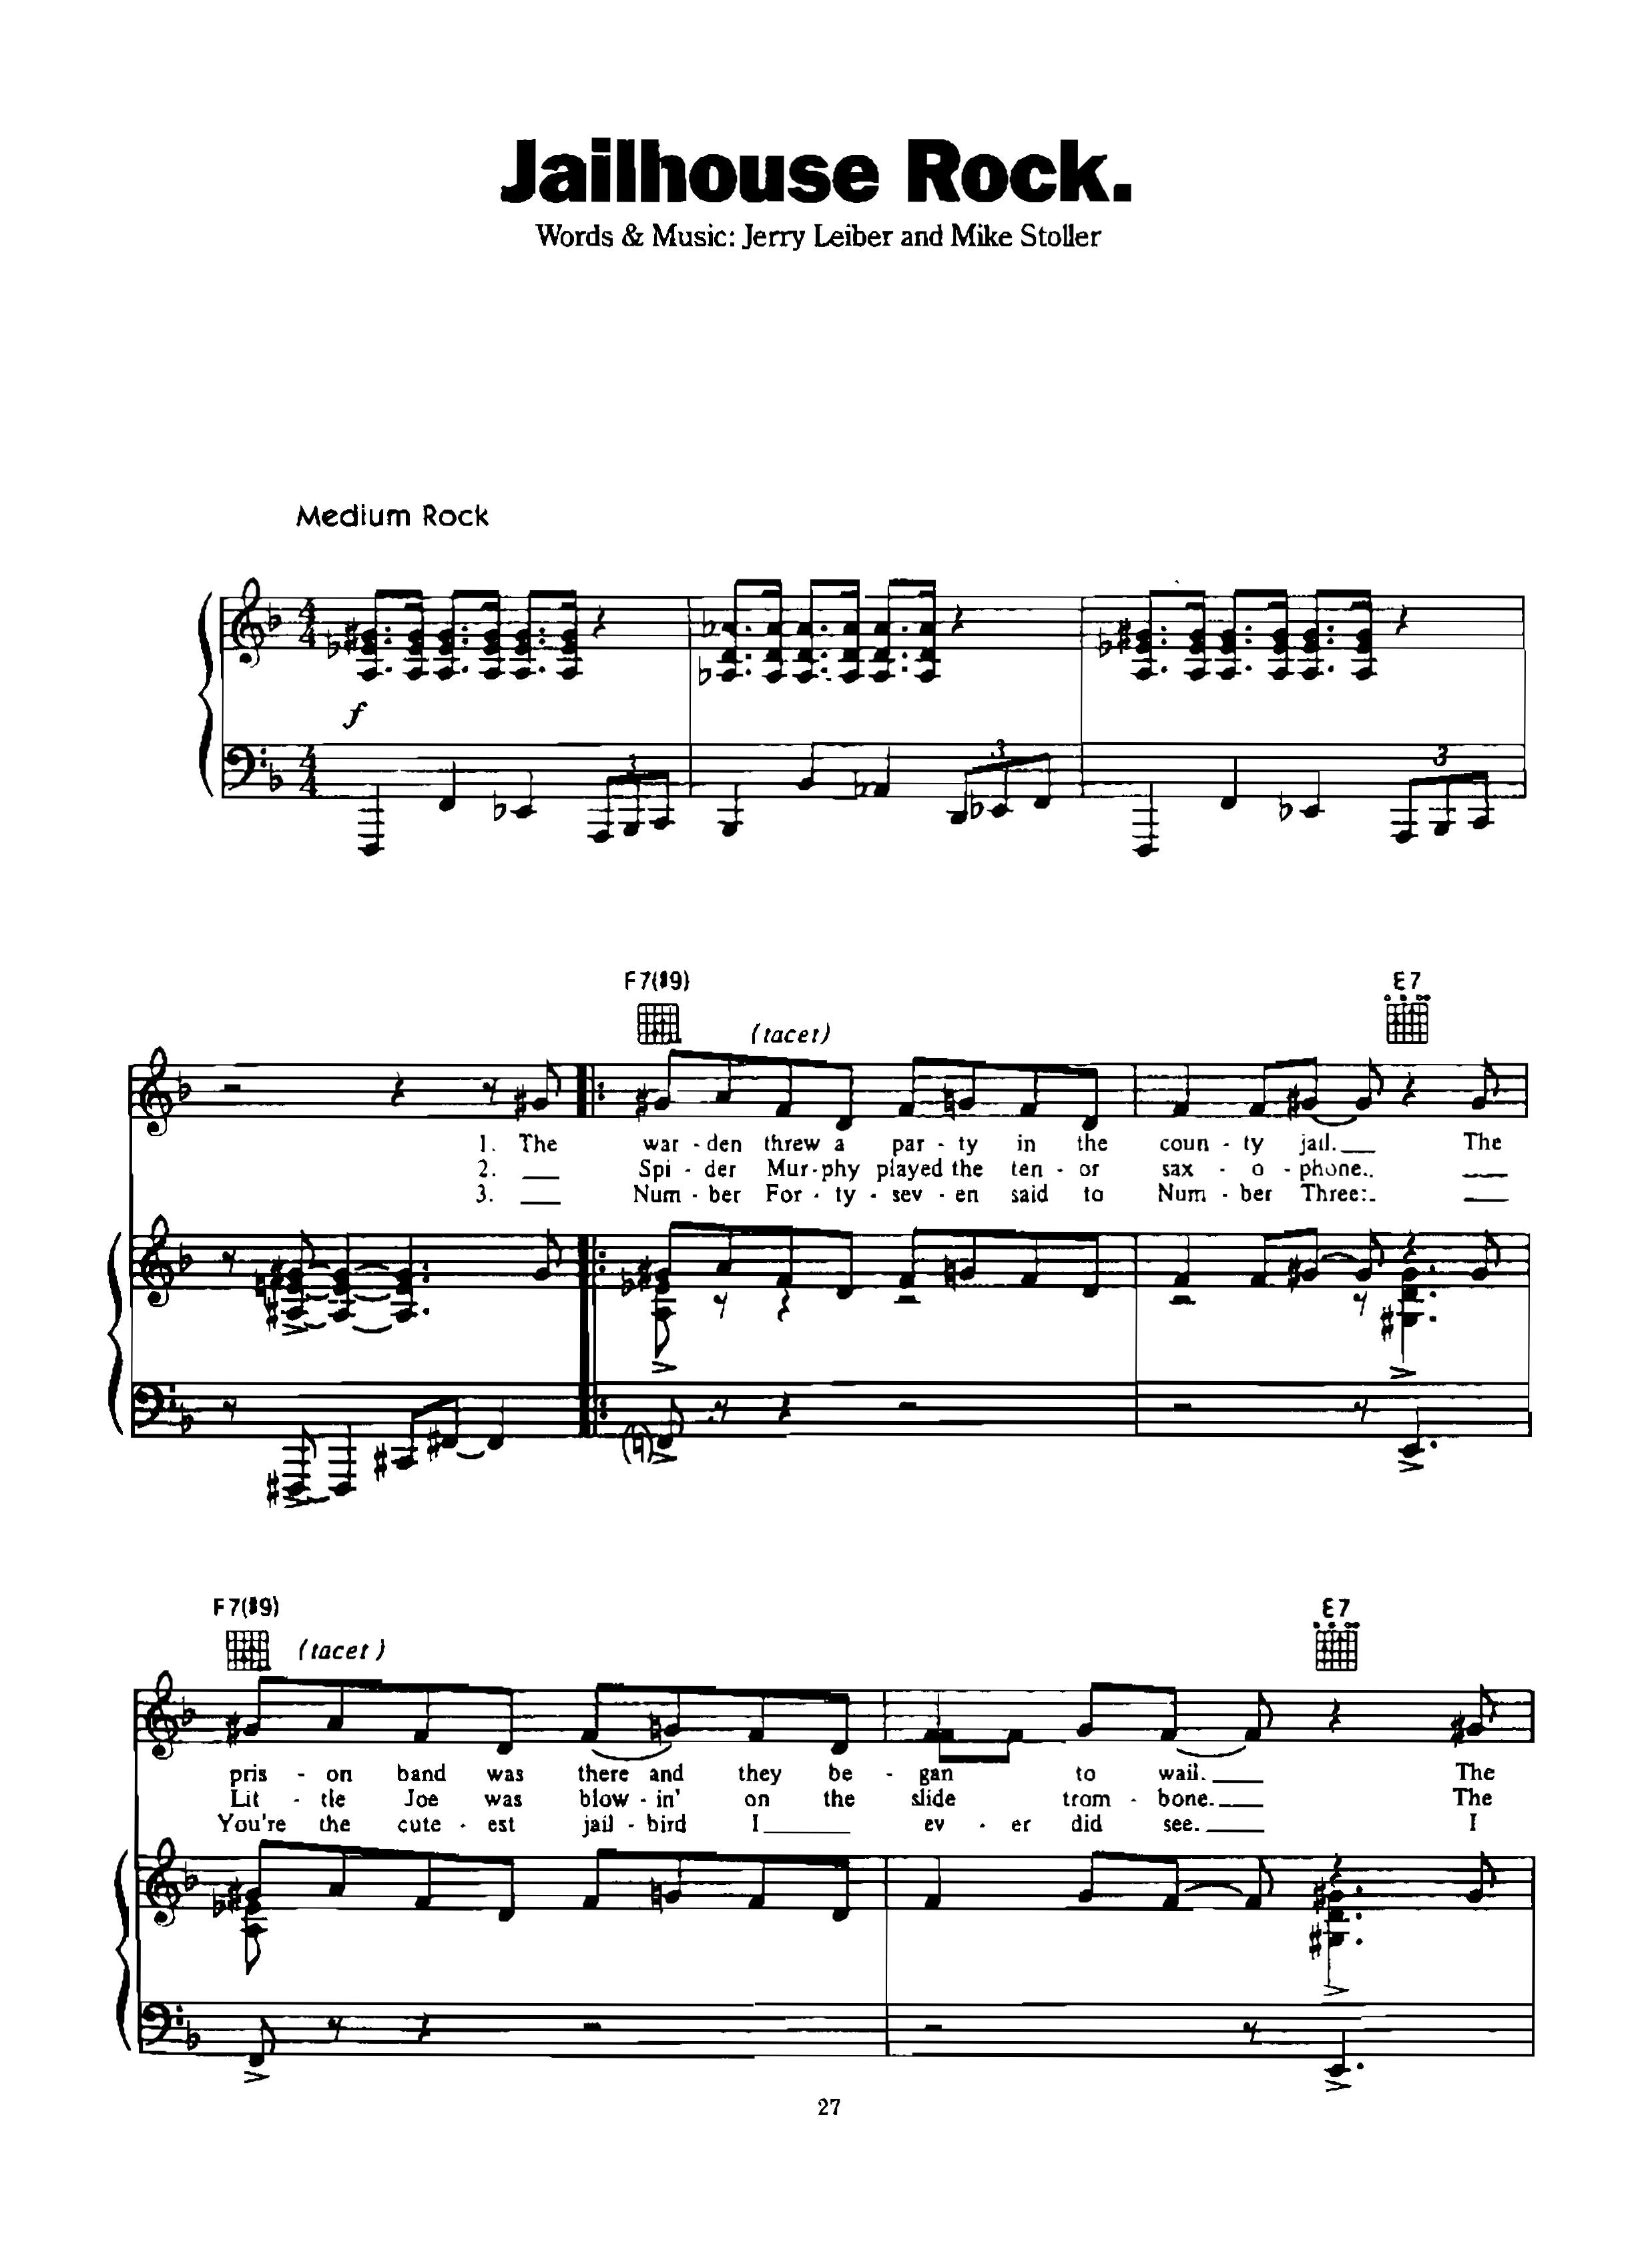 Chia sẻ: Elvis Presley với các ca khúc nổi tiếng soạn cho Piano và Guitar Jailhouse Rock